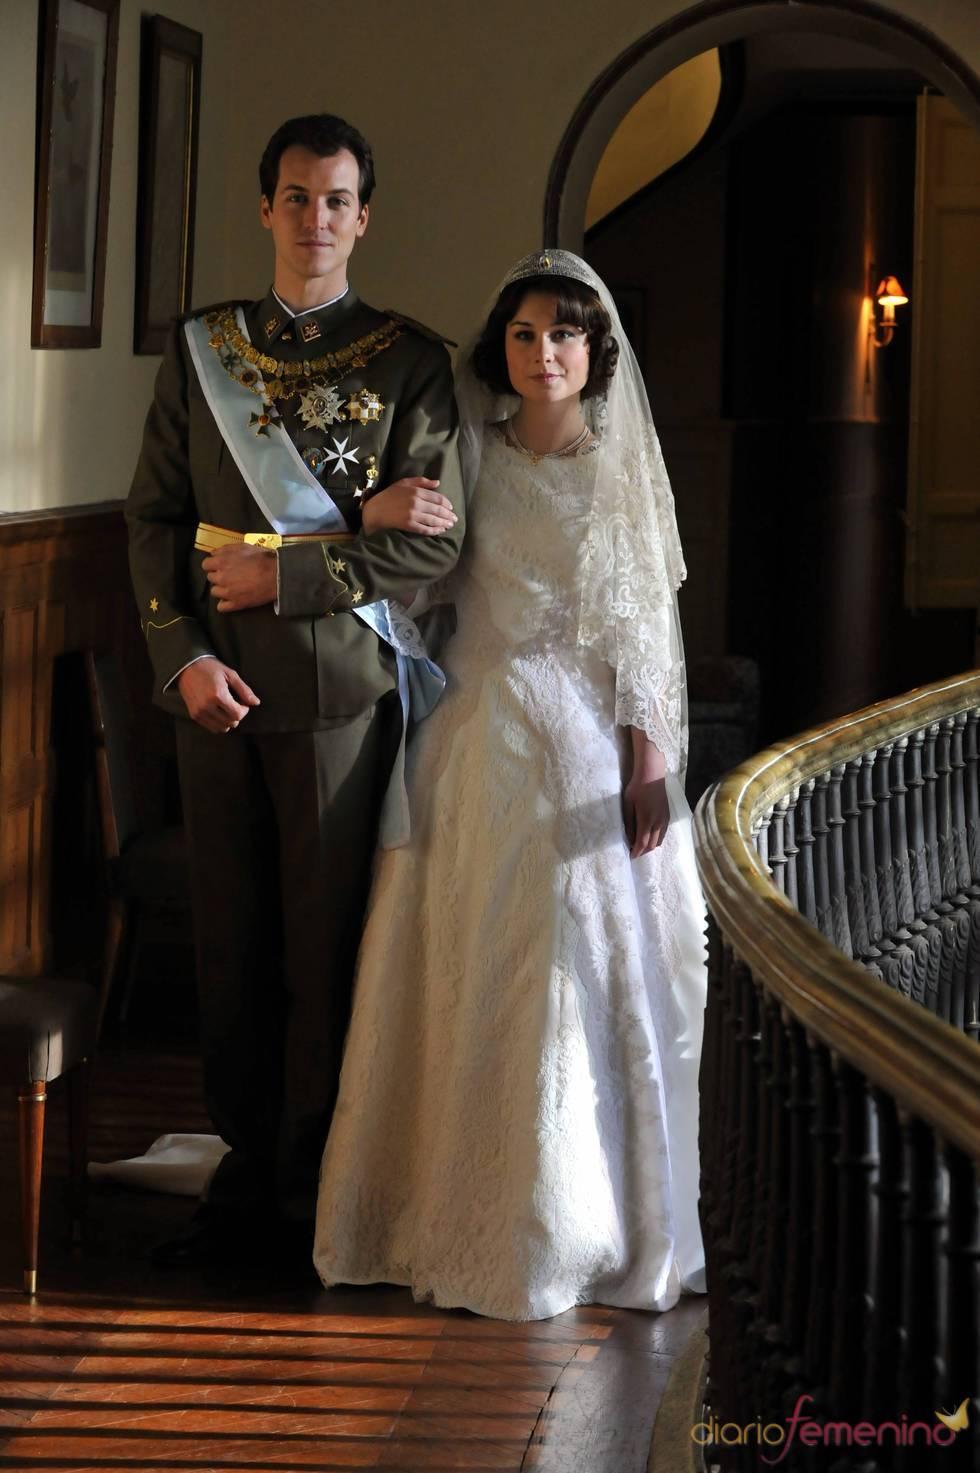 Jorge Suquet y Nadia de Santiago encarnan a los Reyes de España